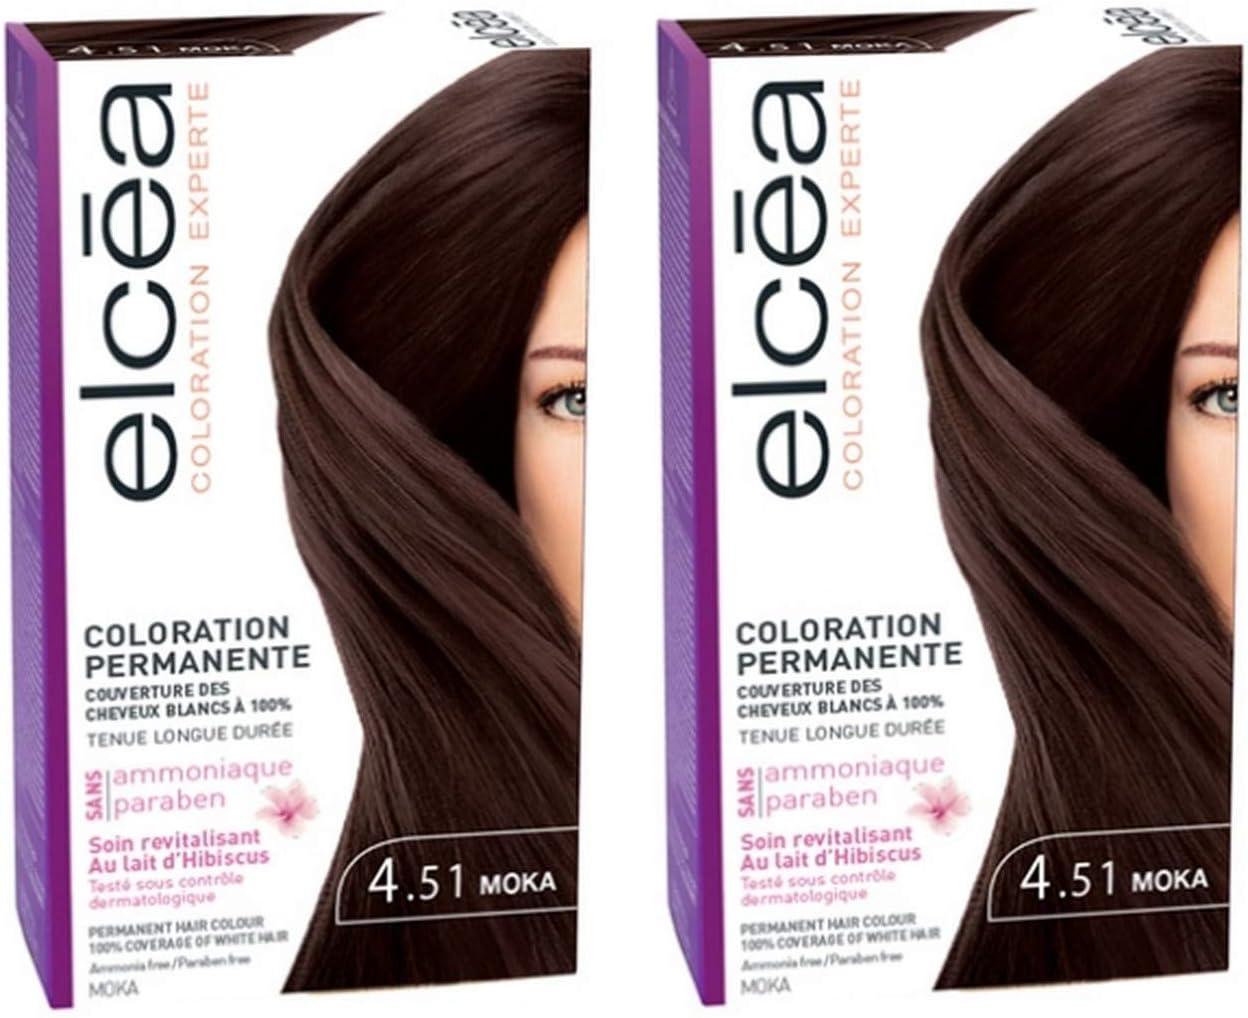 Elcea Color Permanente 4.51 Moka - Lote de 2: Amazon.es ...